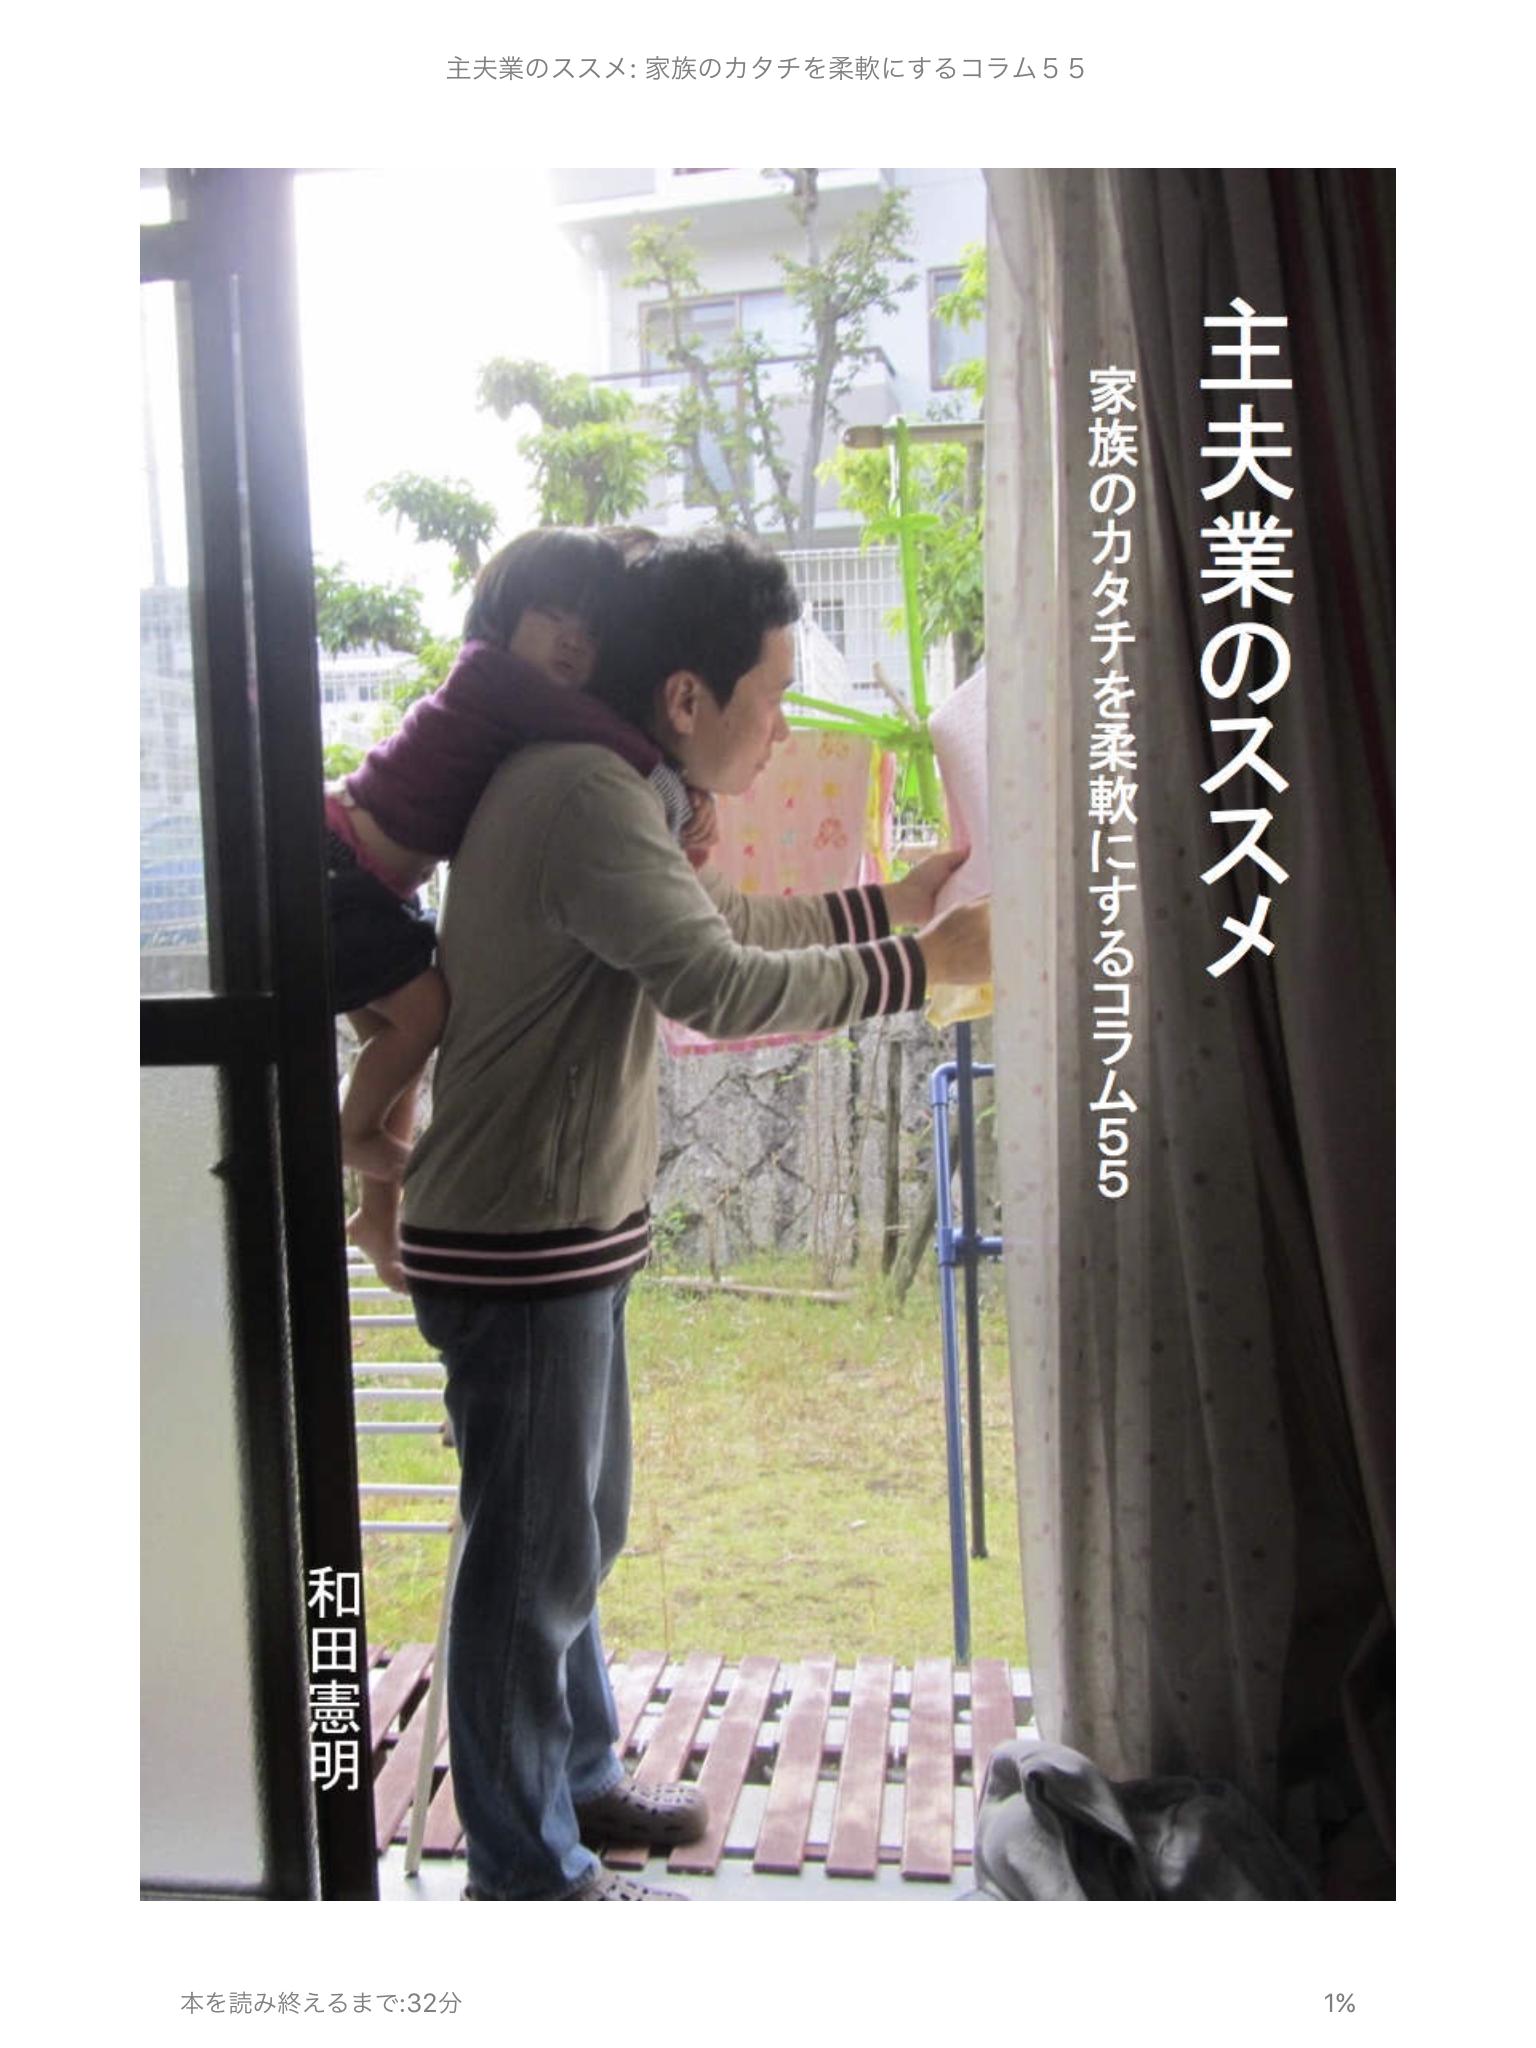 主夫業のススメ 〜家族のカタチを柔軟にするコラム55〜 by和田 憲明 読んでほっこり出来る、主夫だけでじゃなくいろんな立場の人に読んでもらいたい1冊。